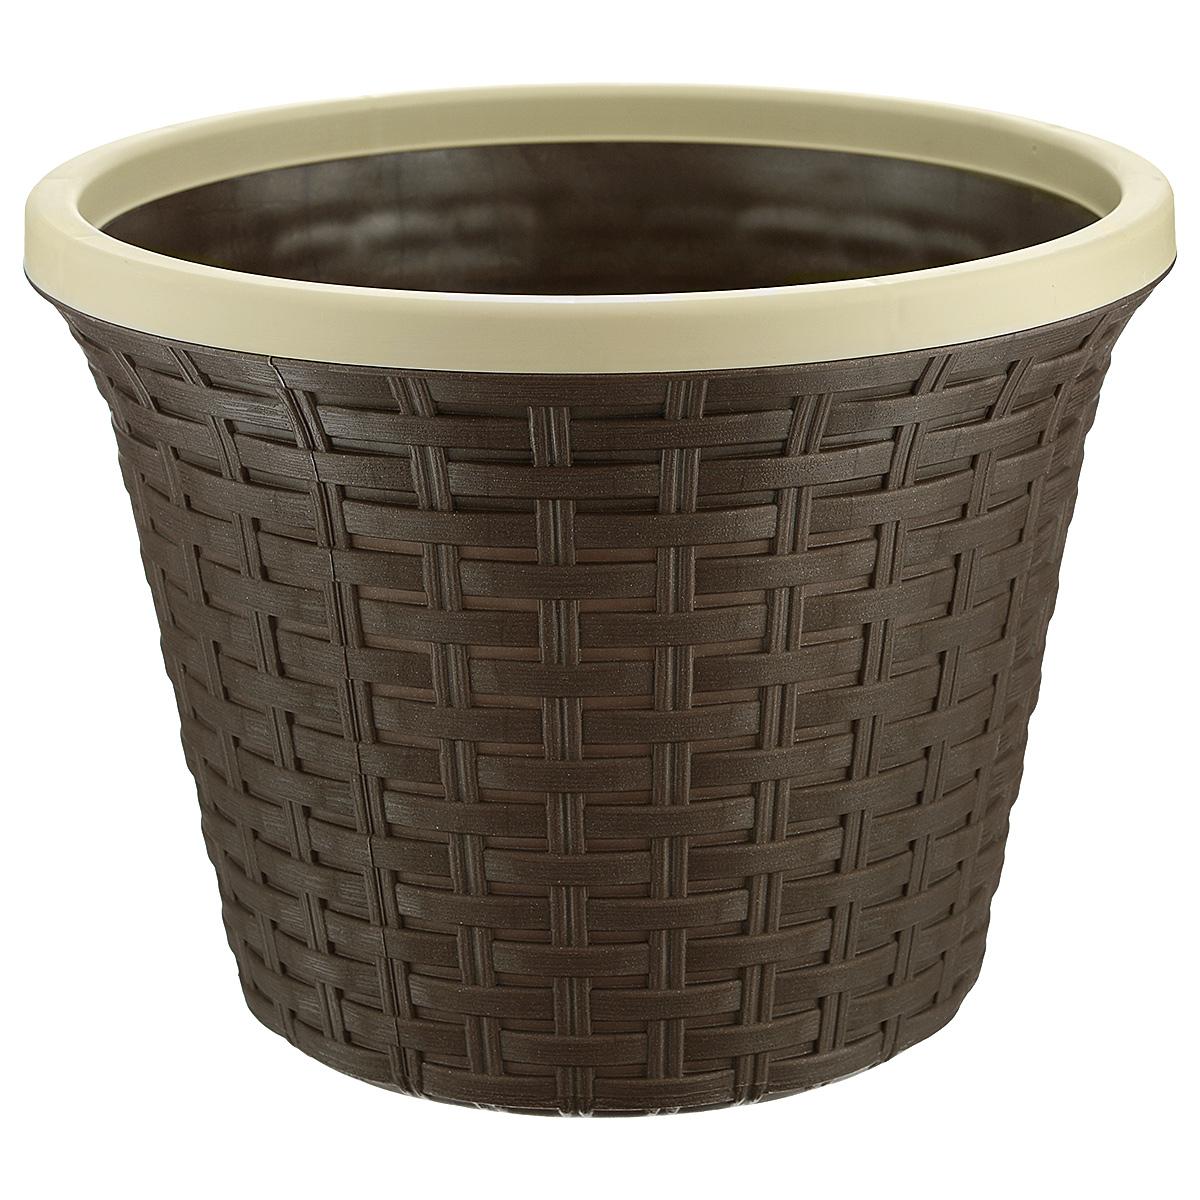 Кашпо Violet Ротанг, с дренажной системой, цвет: коричневый, 6,5 л32650/1Кашпо Violet Ротанг изготовлено из высококачественного пластика и оснащено дренажной системой для быстрого отведения избытка воды при поливе. Изделие прекрасно подходит для выращивания растений и цветов в домашних условиях. Лаконичный дизайн впишется в интерьер любого помещения.Объем: 6,5 л.